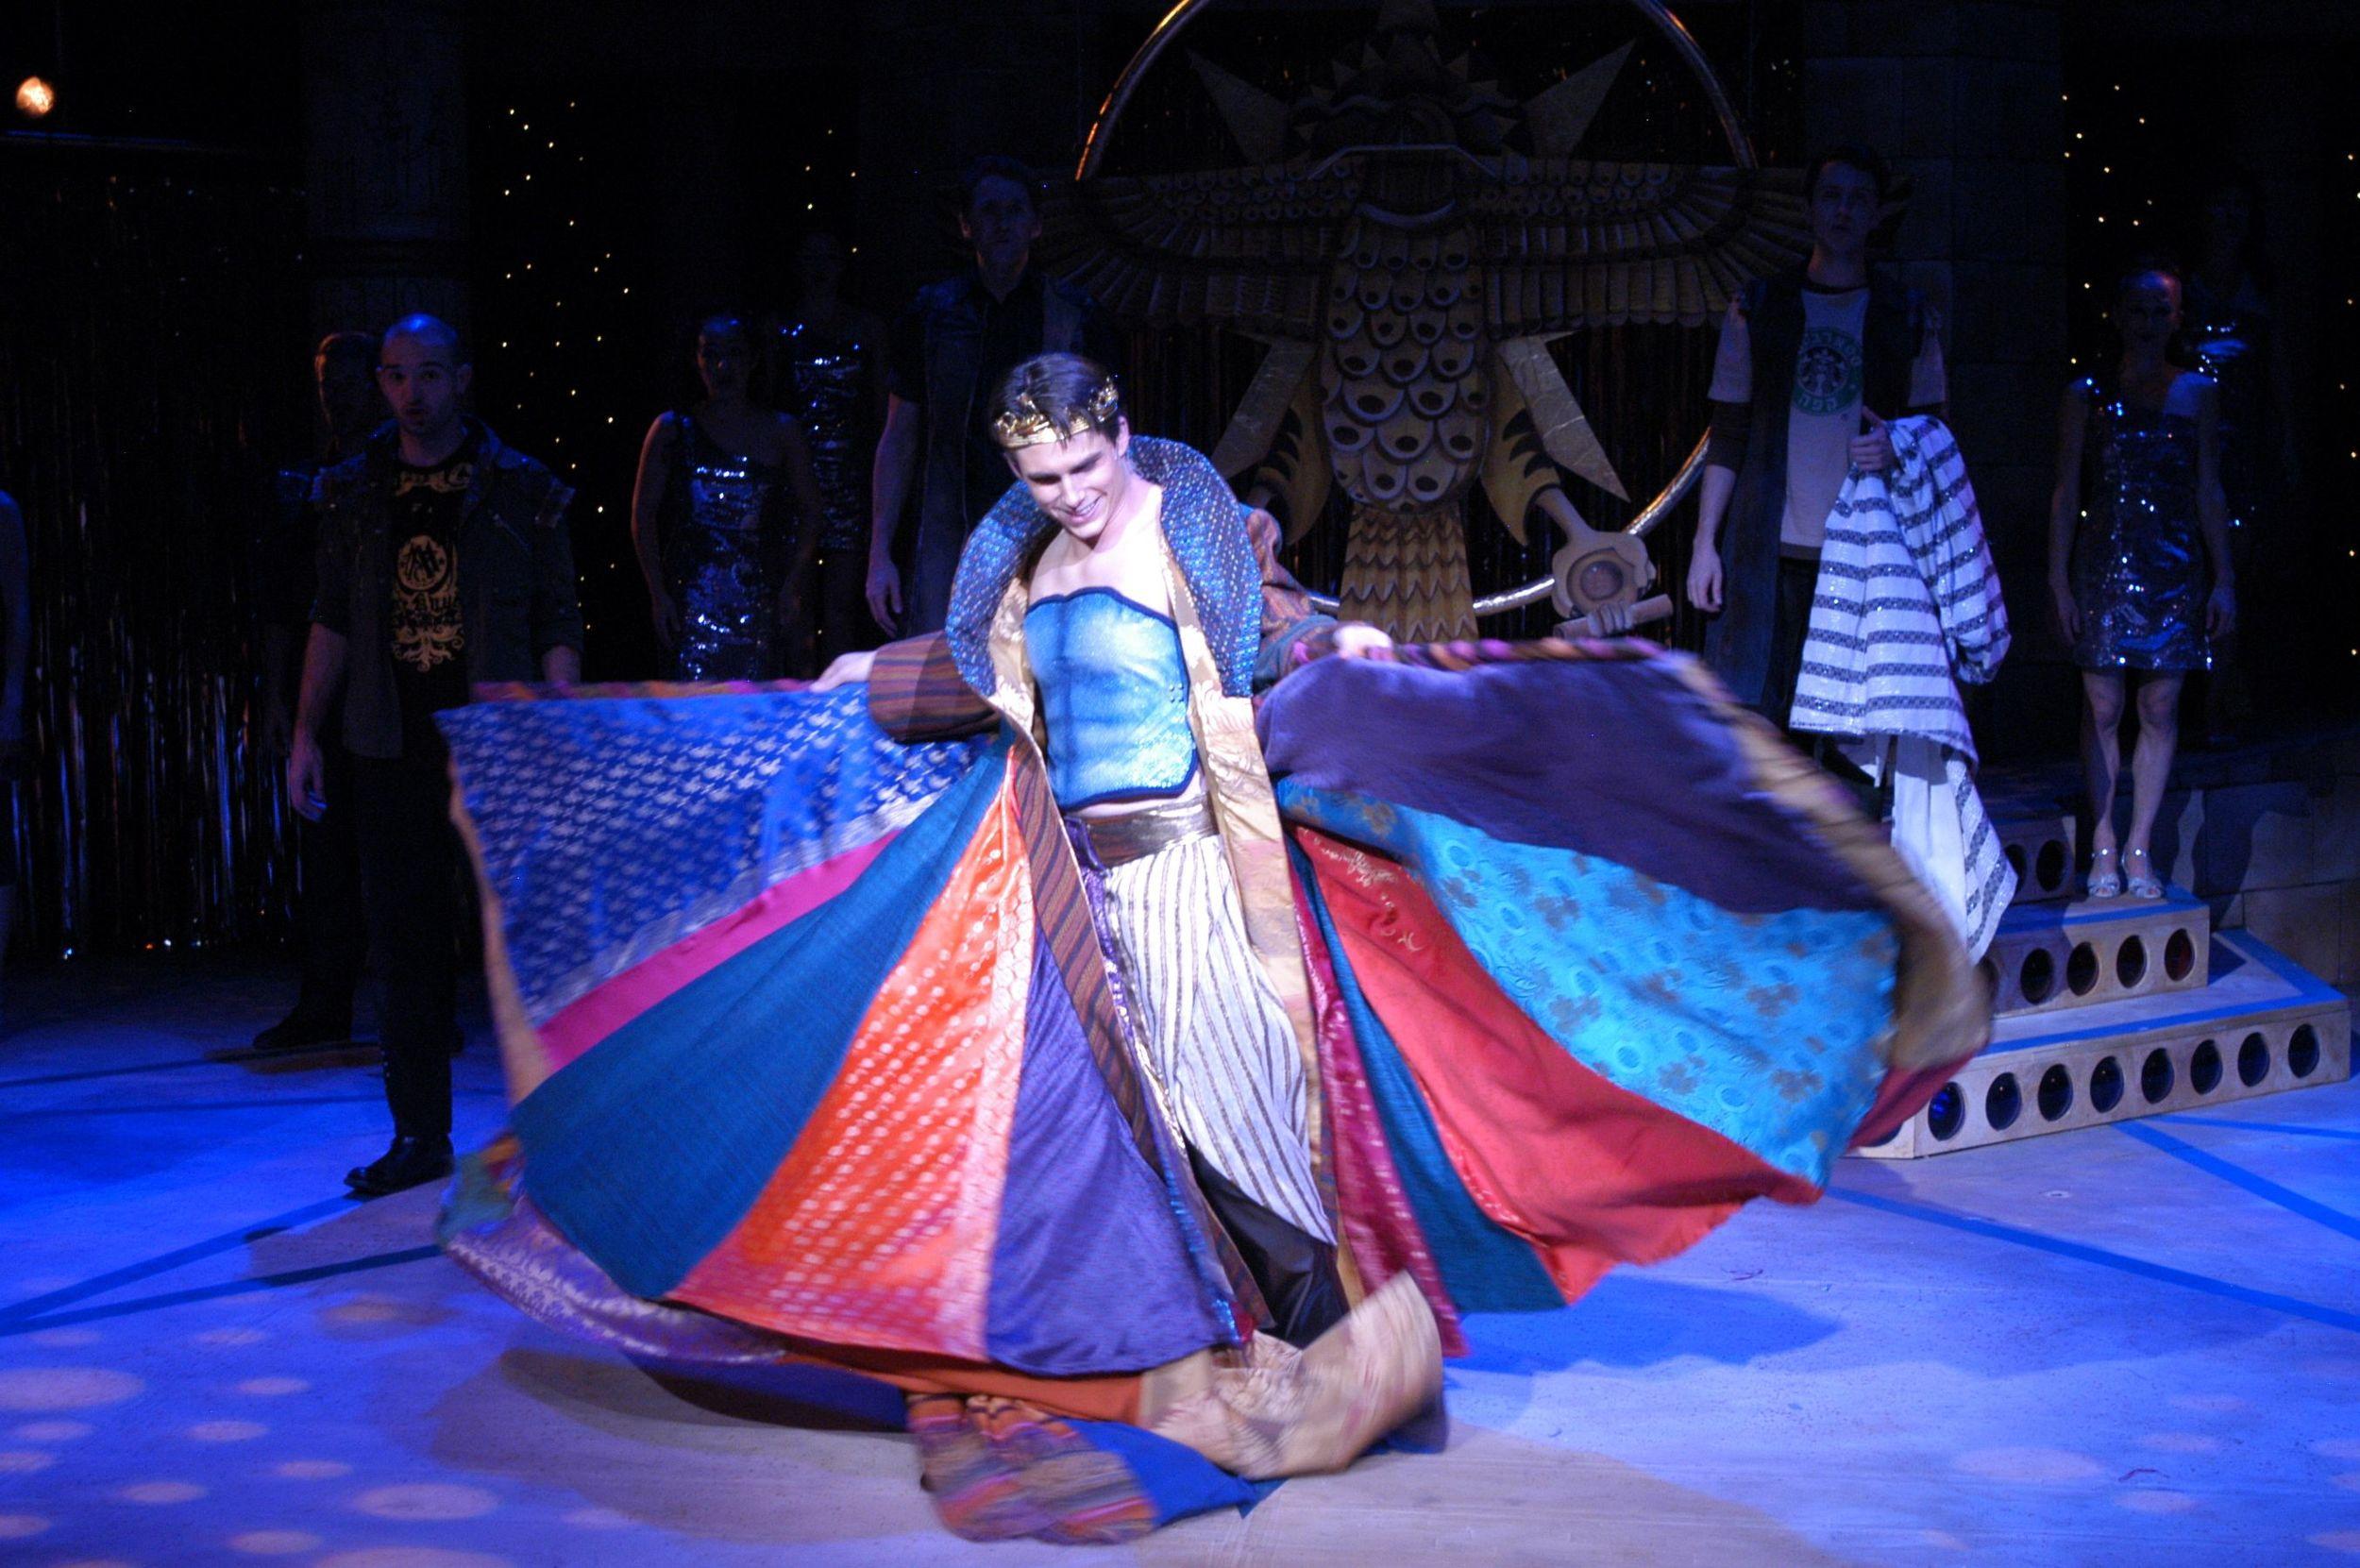 Joseph (Technicolor Dreamcoat)